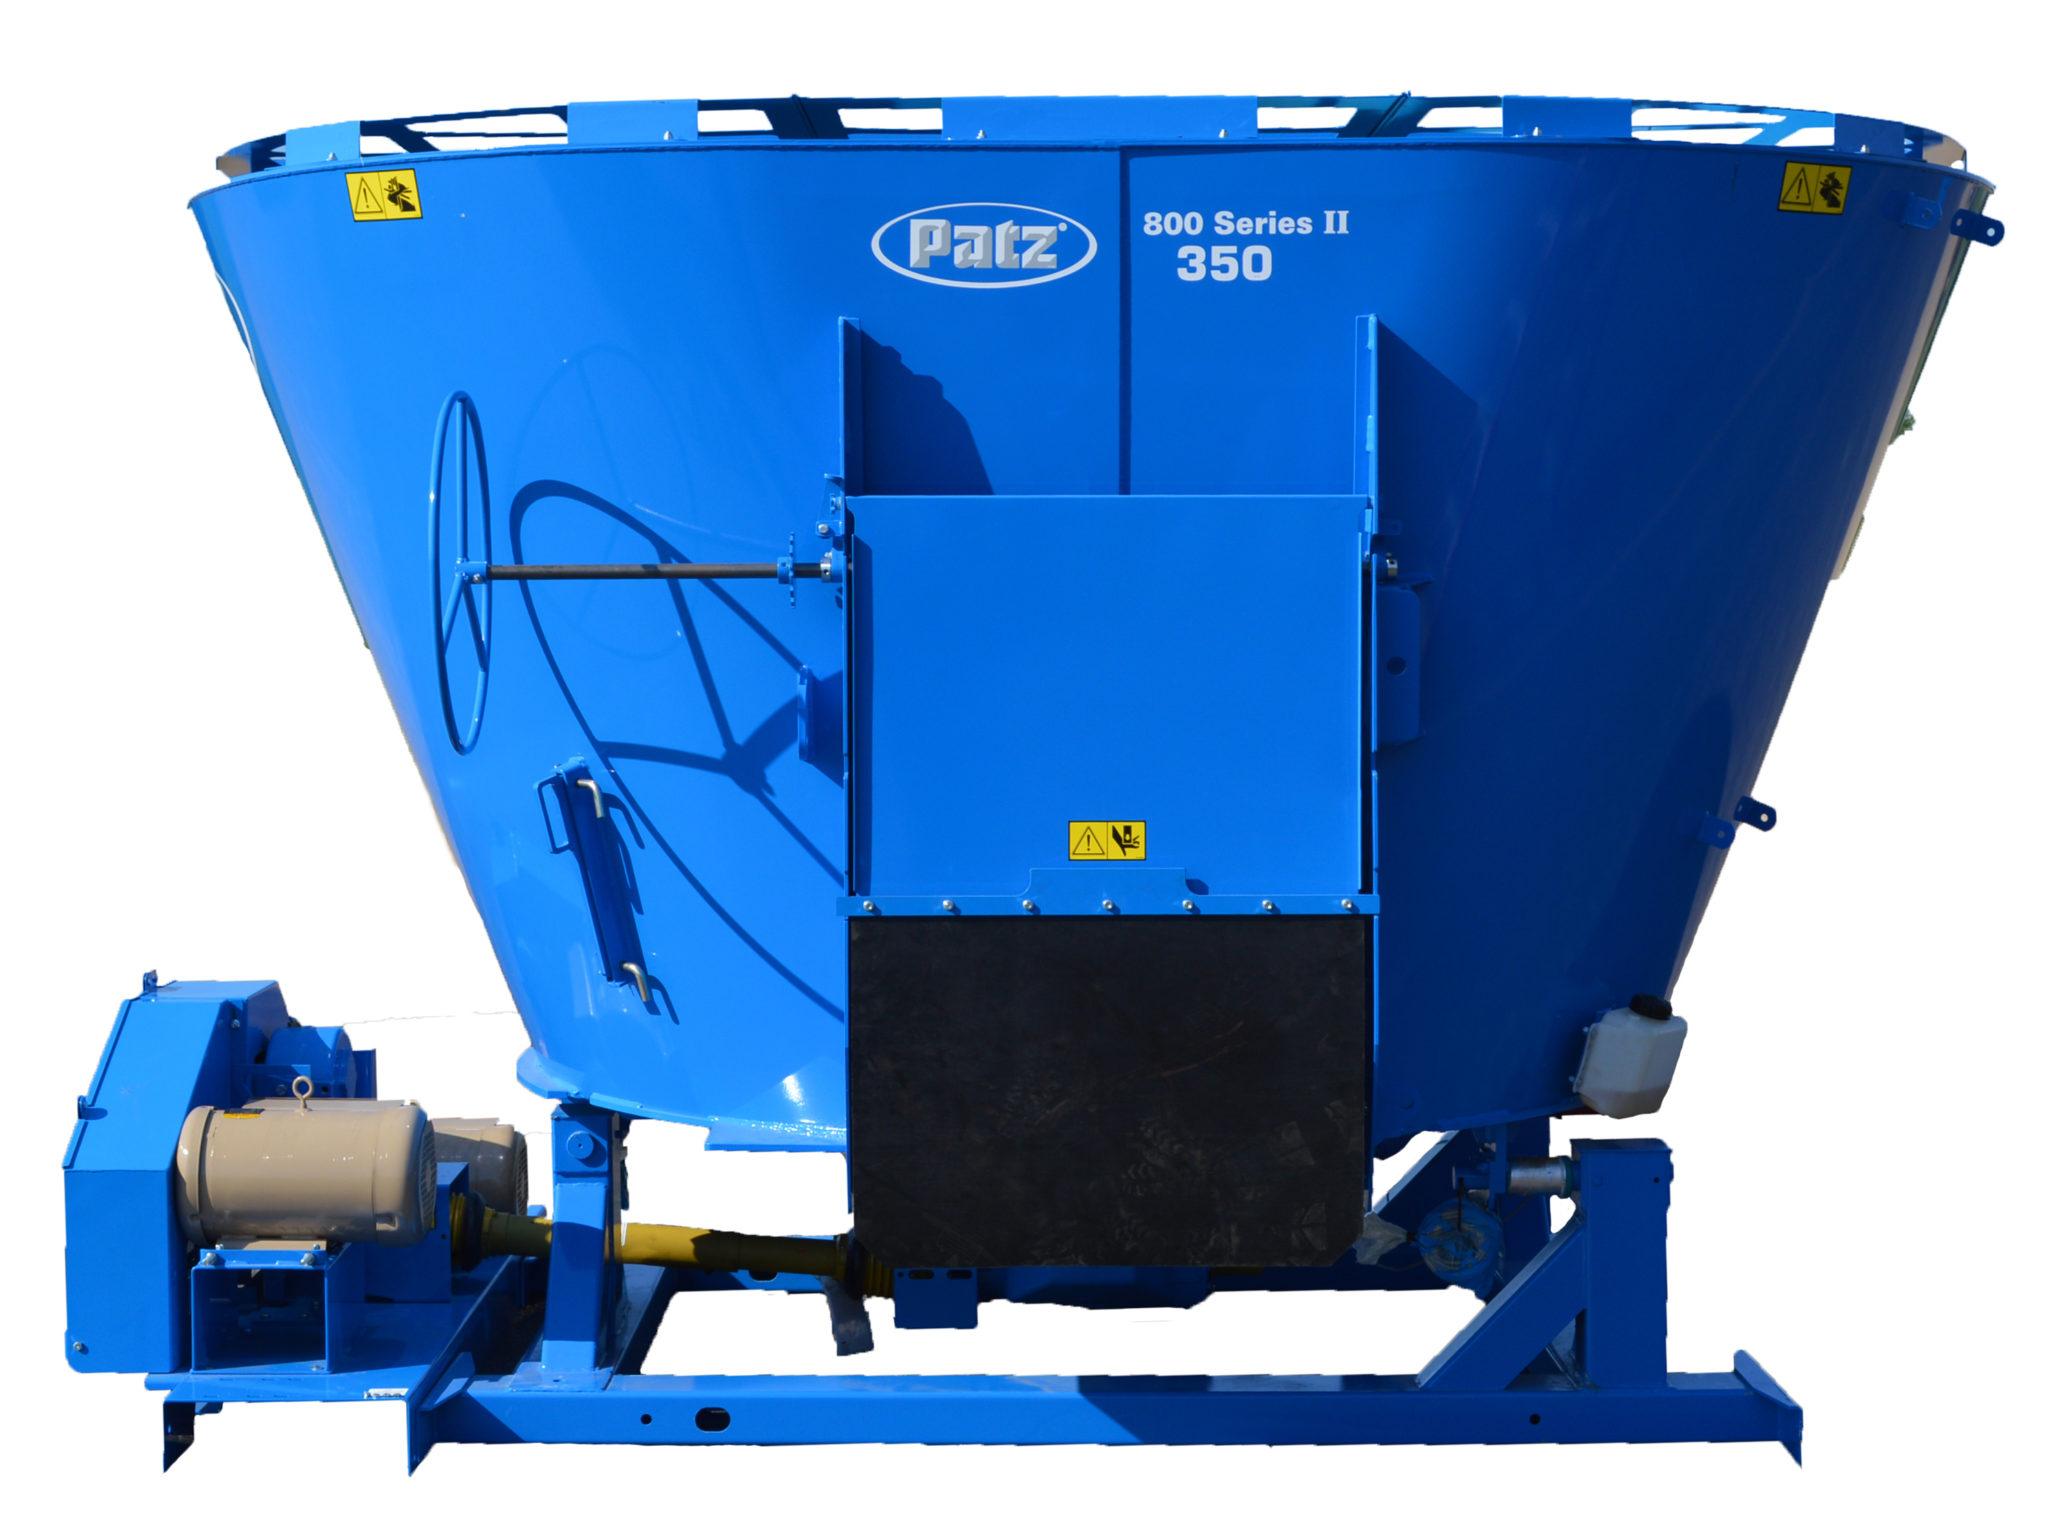 Patz 800 Series II Vertical Mixer